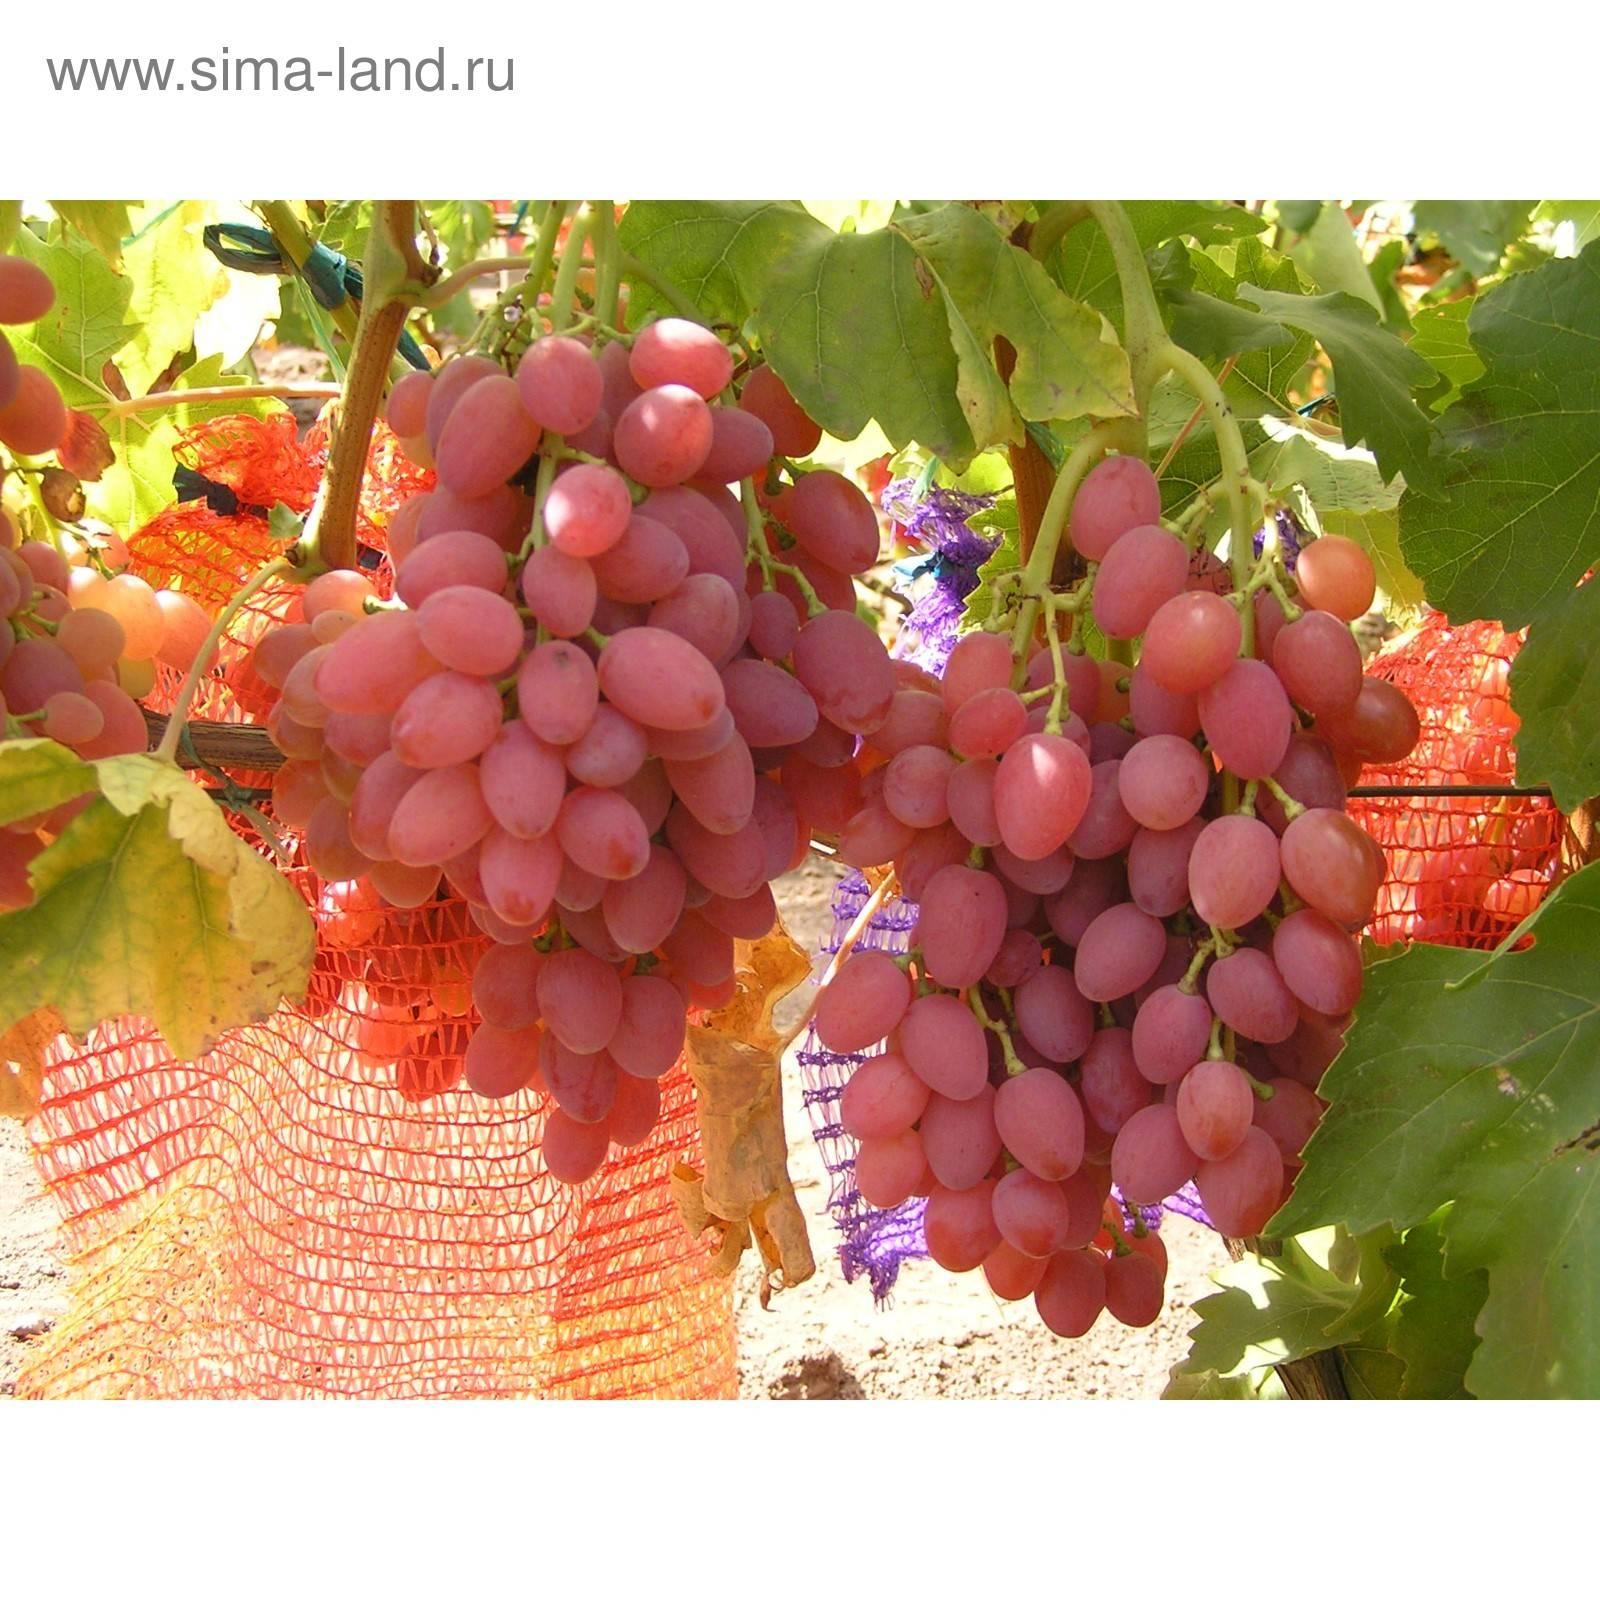 """Виноград """"кишмиш лучистый"""": фото и описание сорта, характеристики и вкусовые качества selo.guru — интернет портал о сельском хозяйстве"""